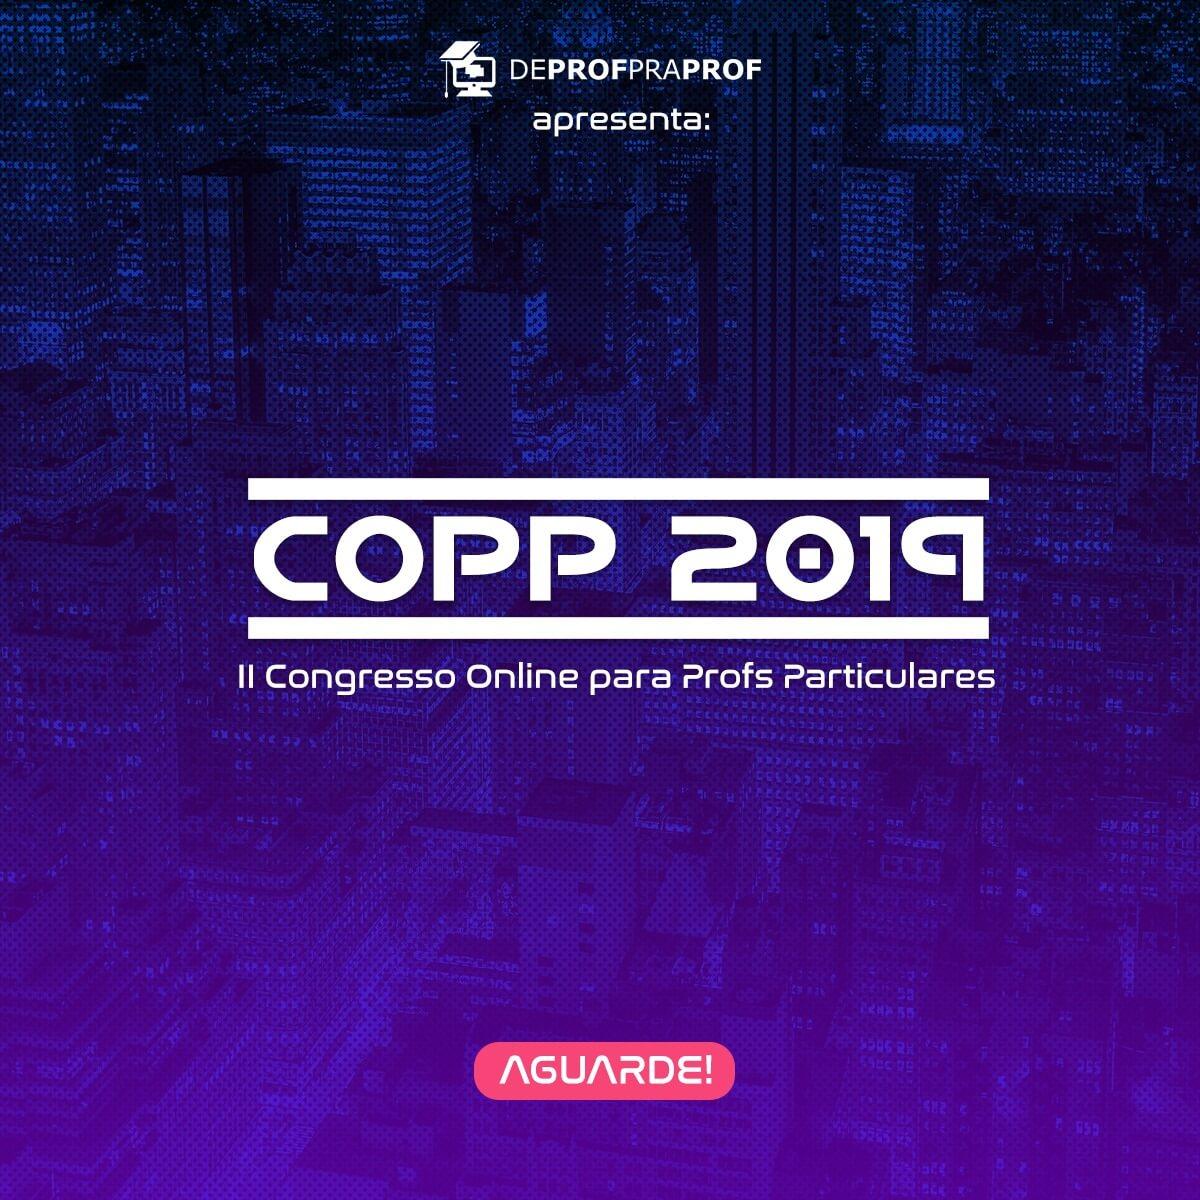 copp-2019-aguarde